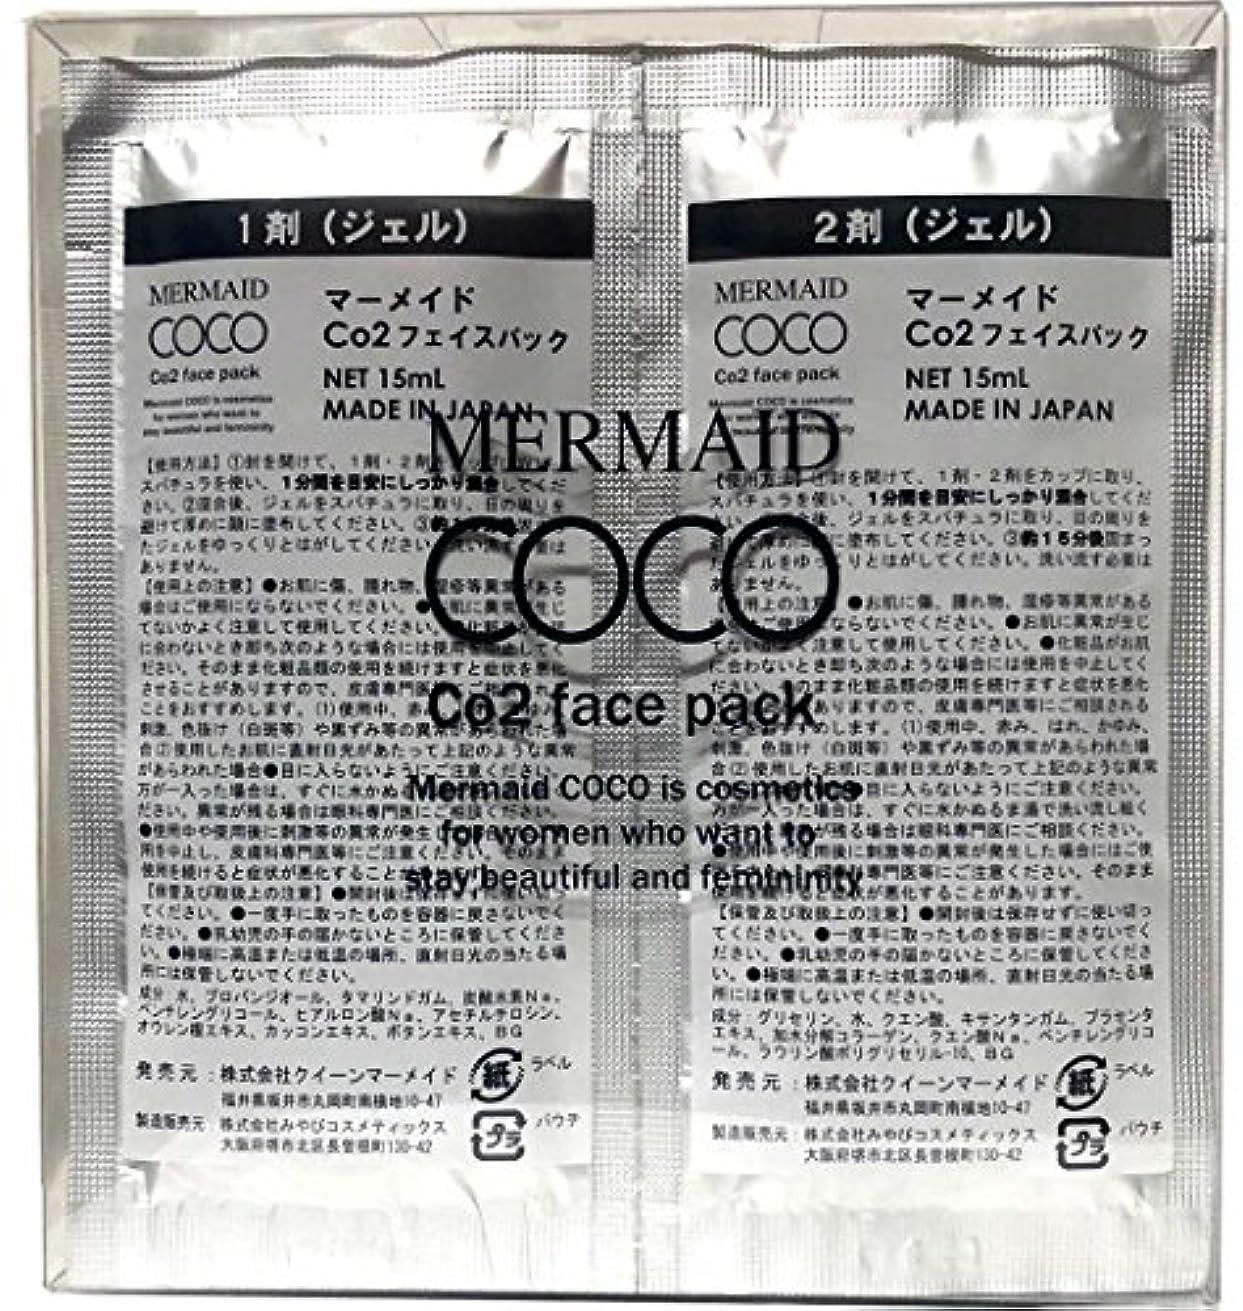 熱望する昨日鑑定マーメイド ココ  MERMAID COCO Co2 フェイスパック 10回分